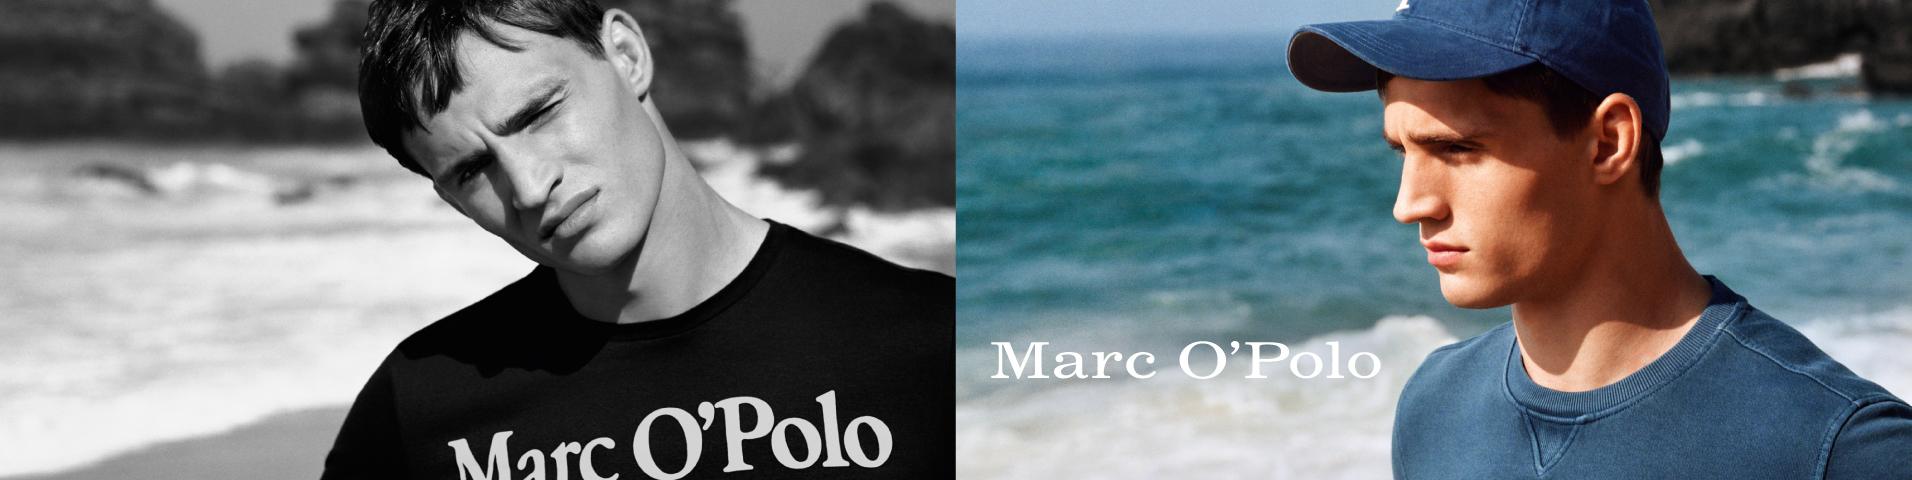 Marc O'Polo Kleding online kopen   Gratis verzending   ZALANDO